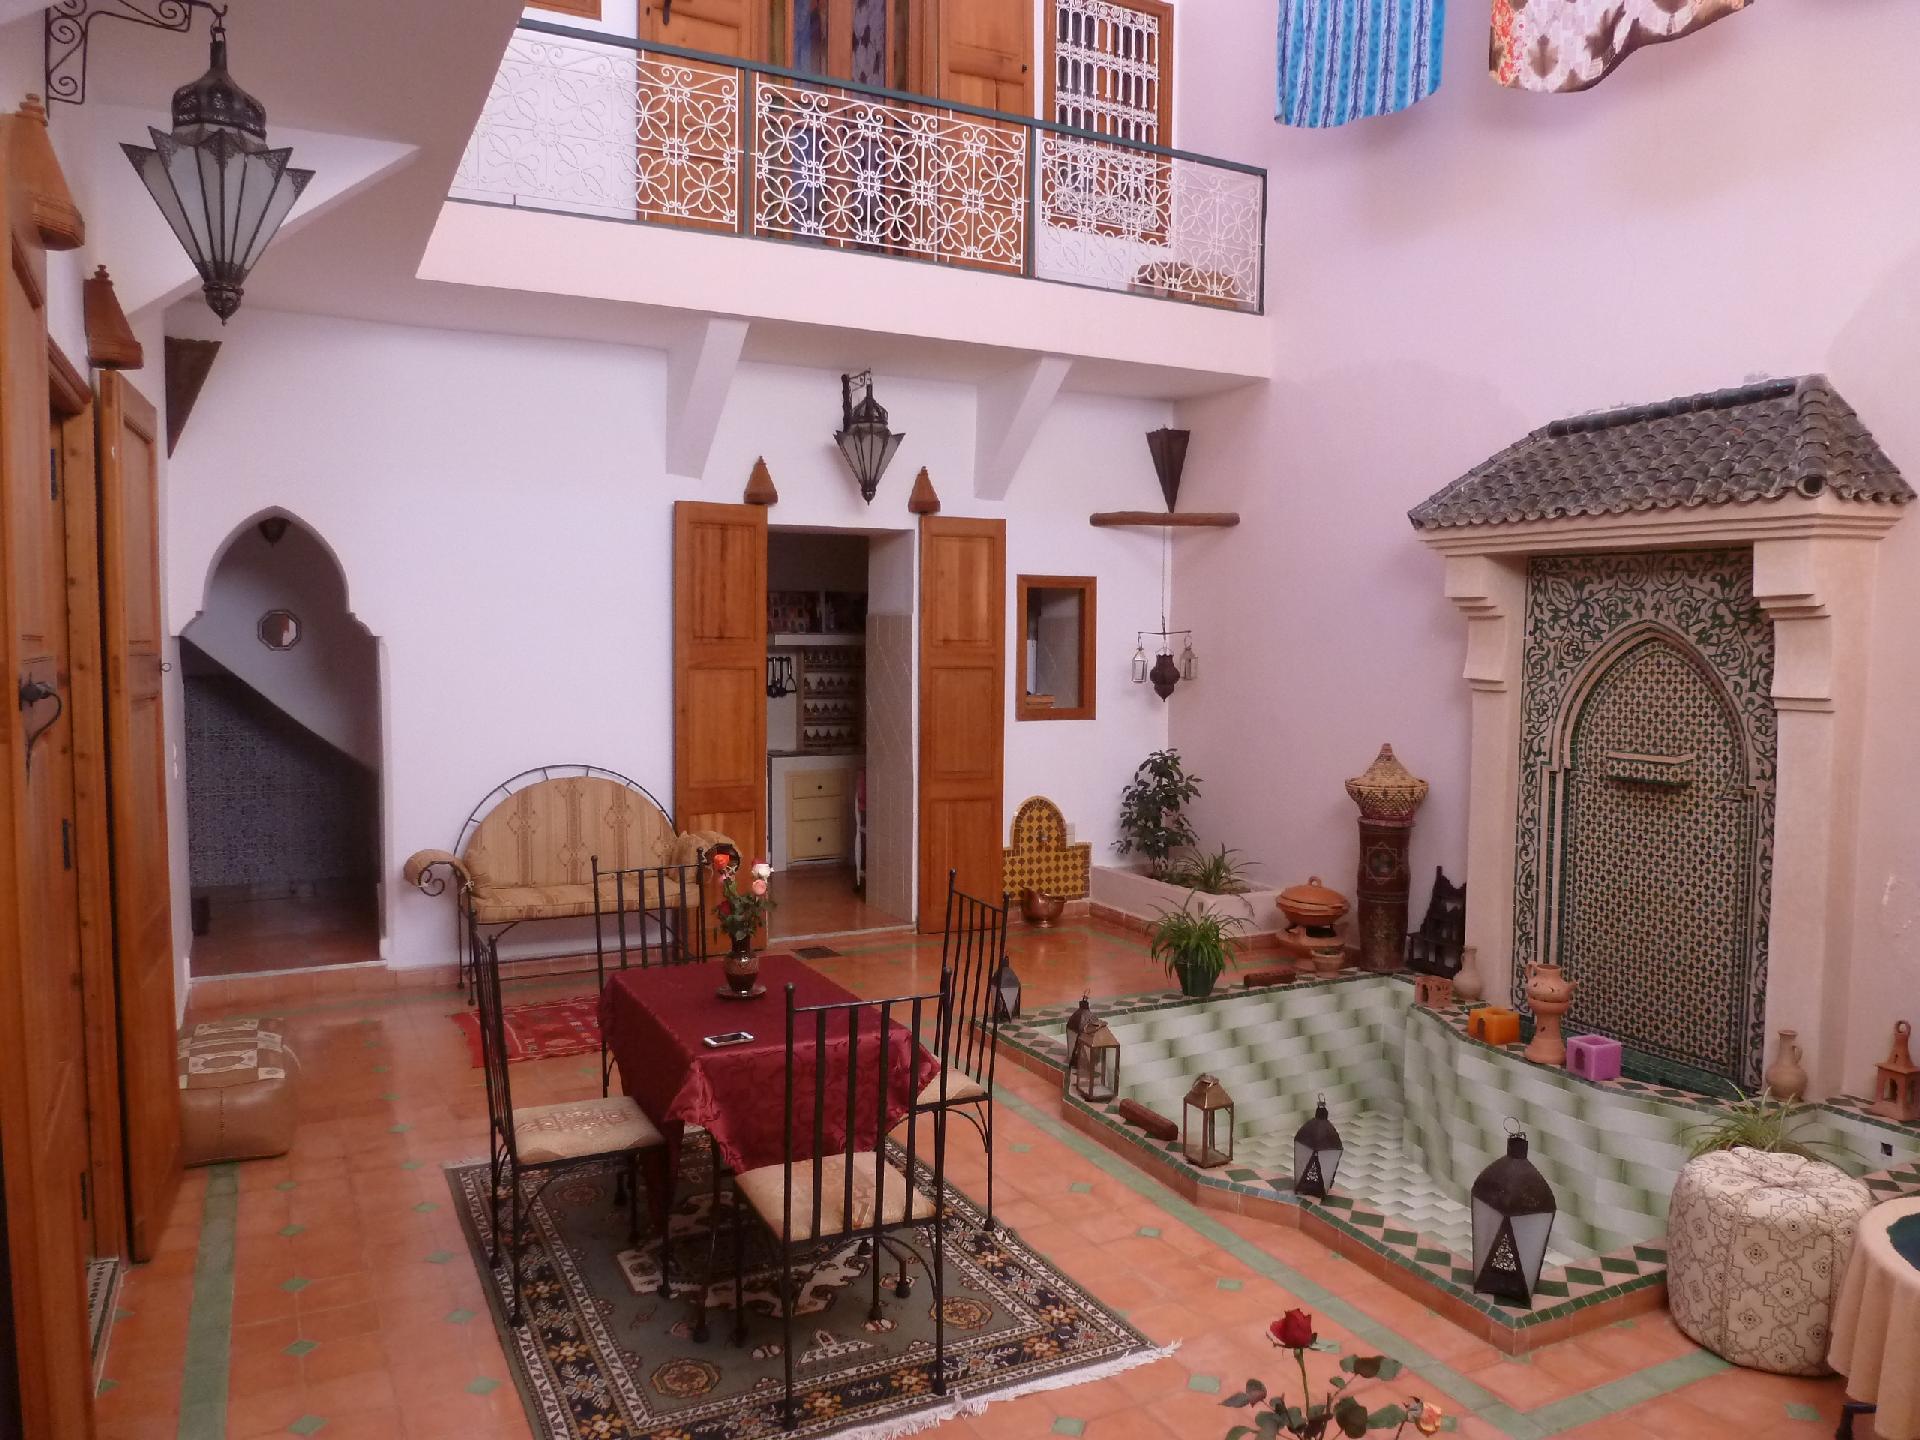 Ferienhaus für 9 Personen ca. 150 m² in   in Afrika